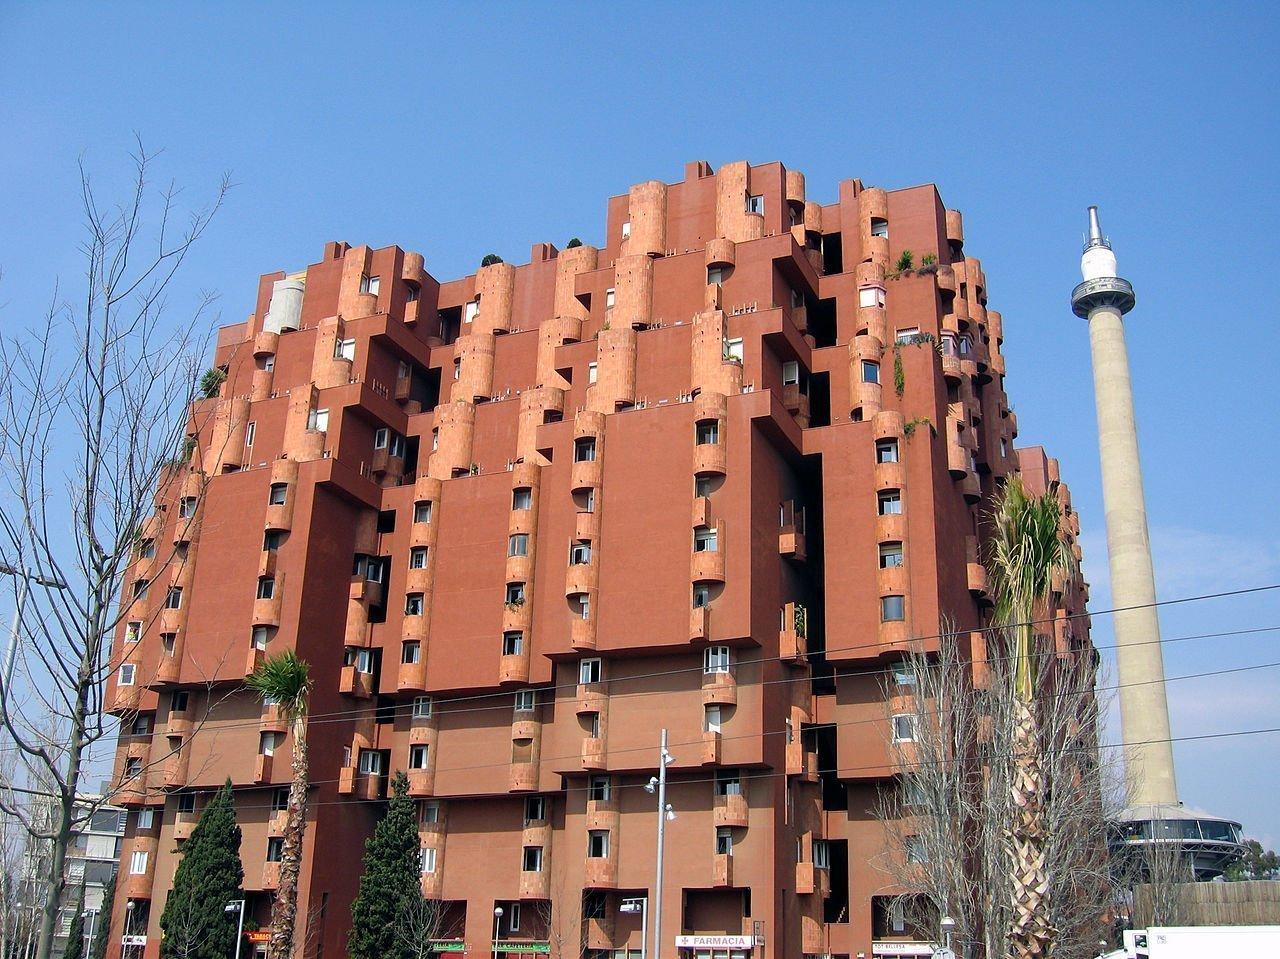 Страшнее некуда. Самые некрасивые здания Испании | Фотография 3 | ee24